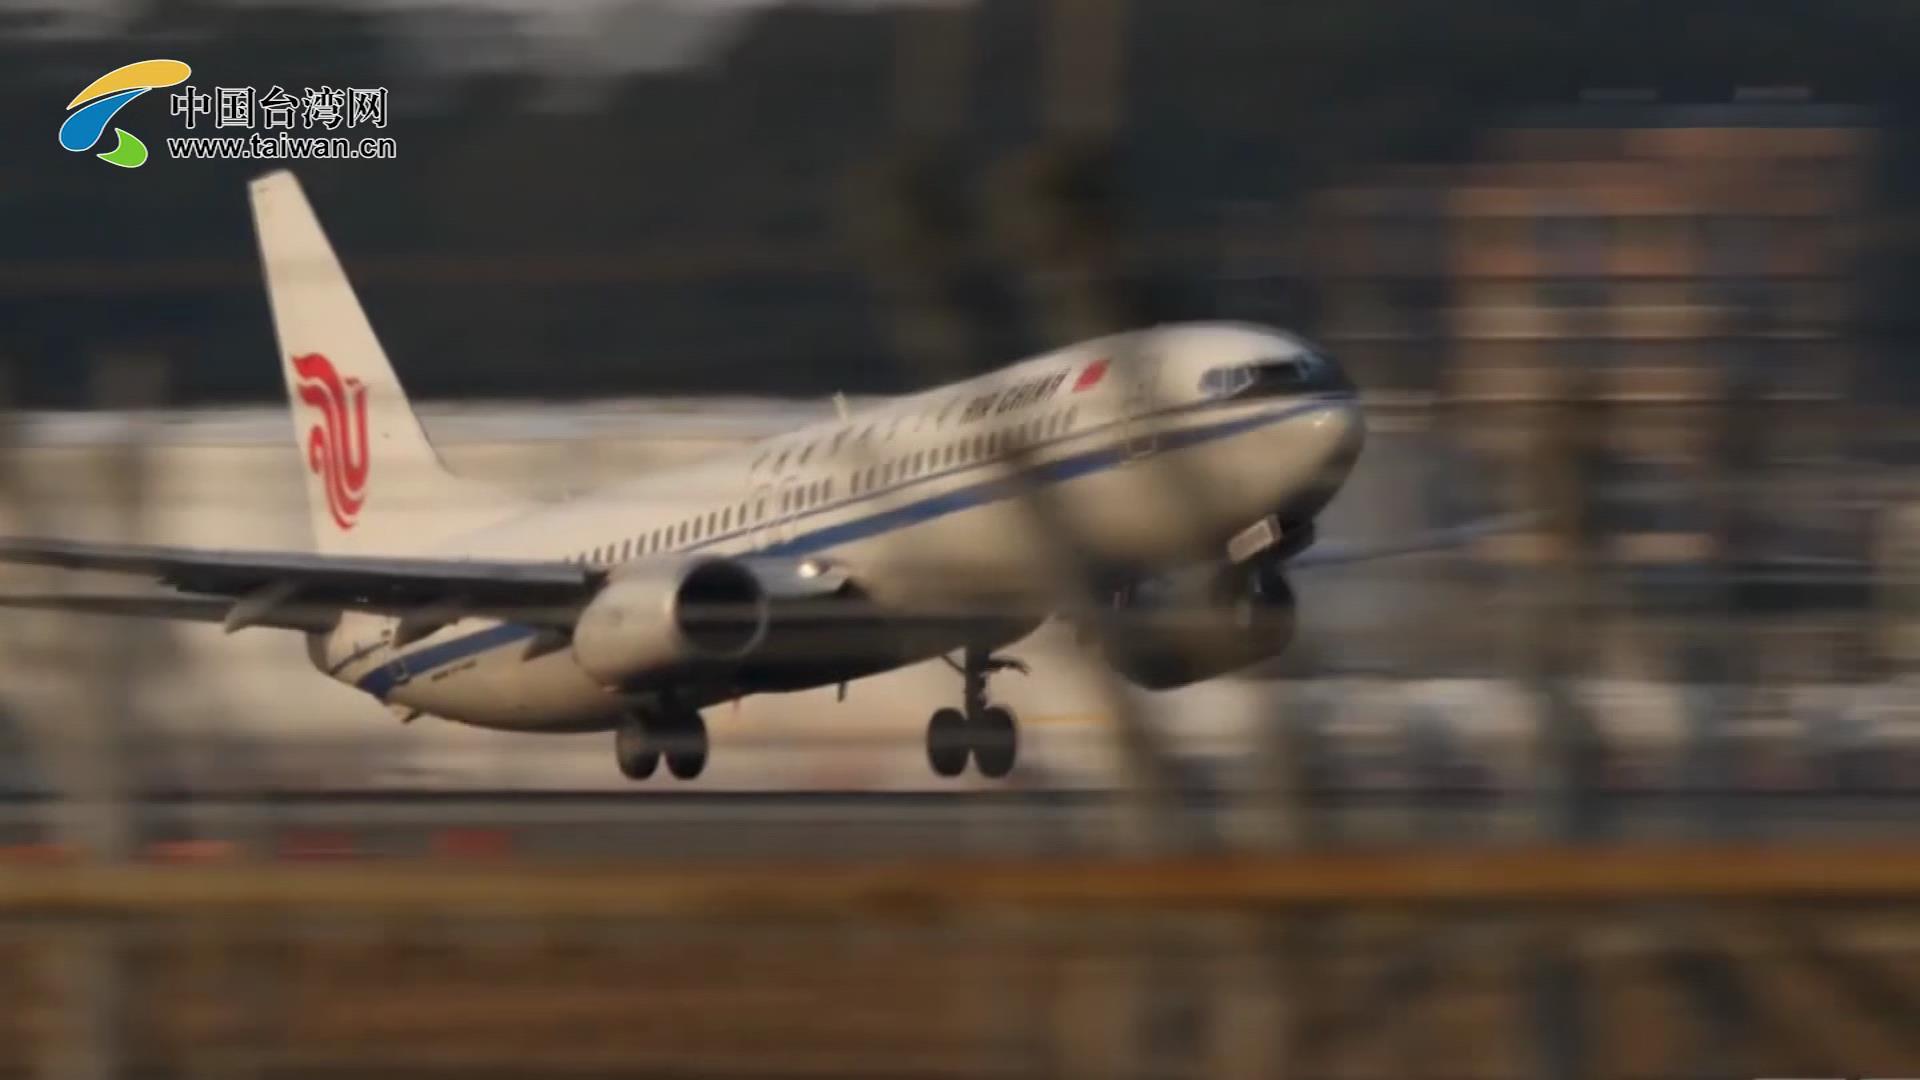 国航正式聘用台籍乘务员 首批32人入职图片